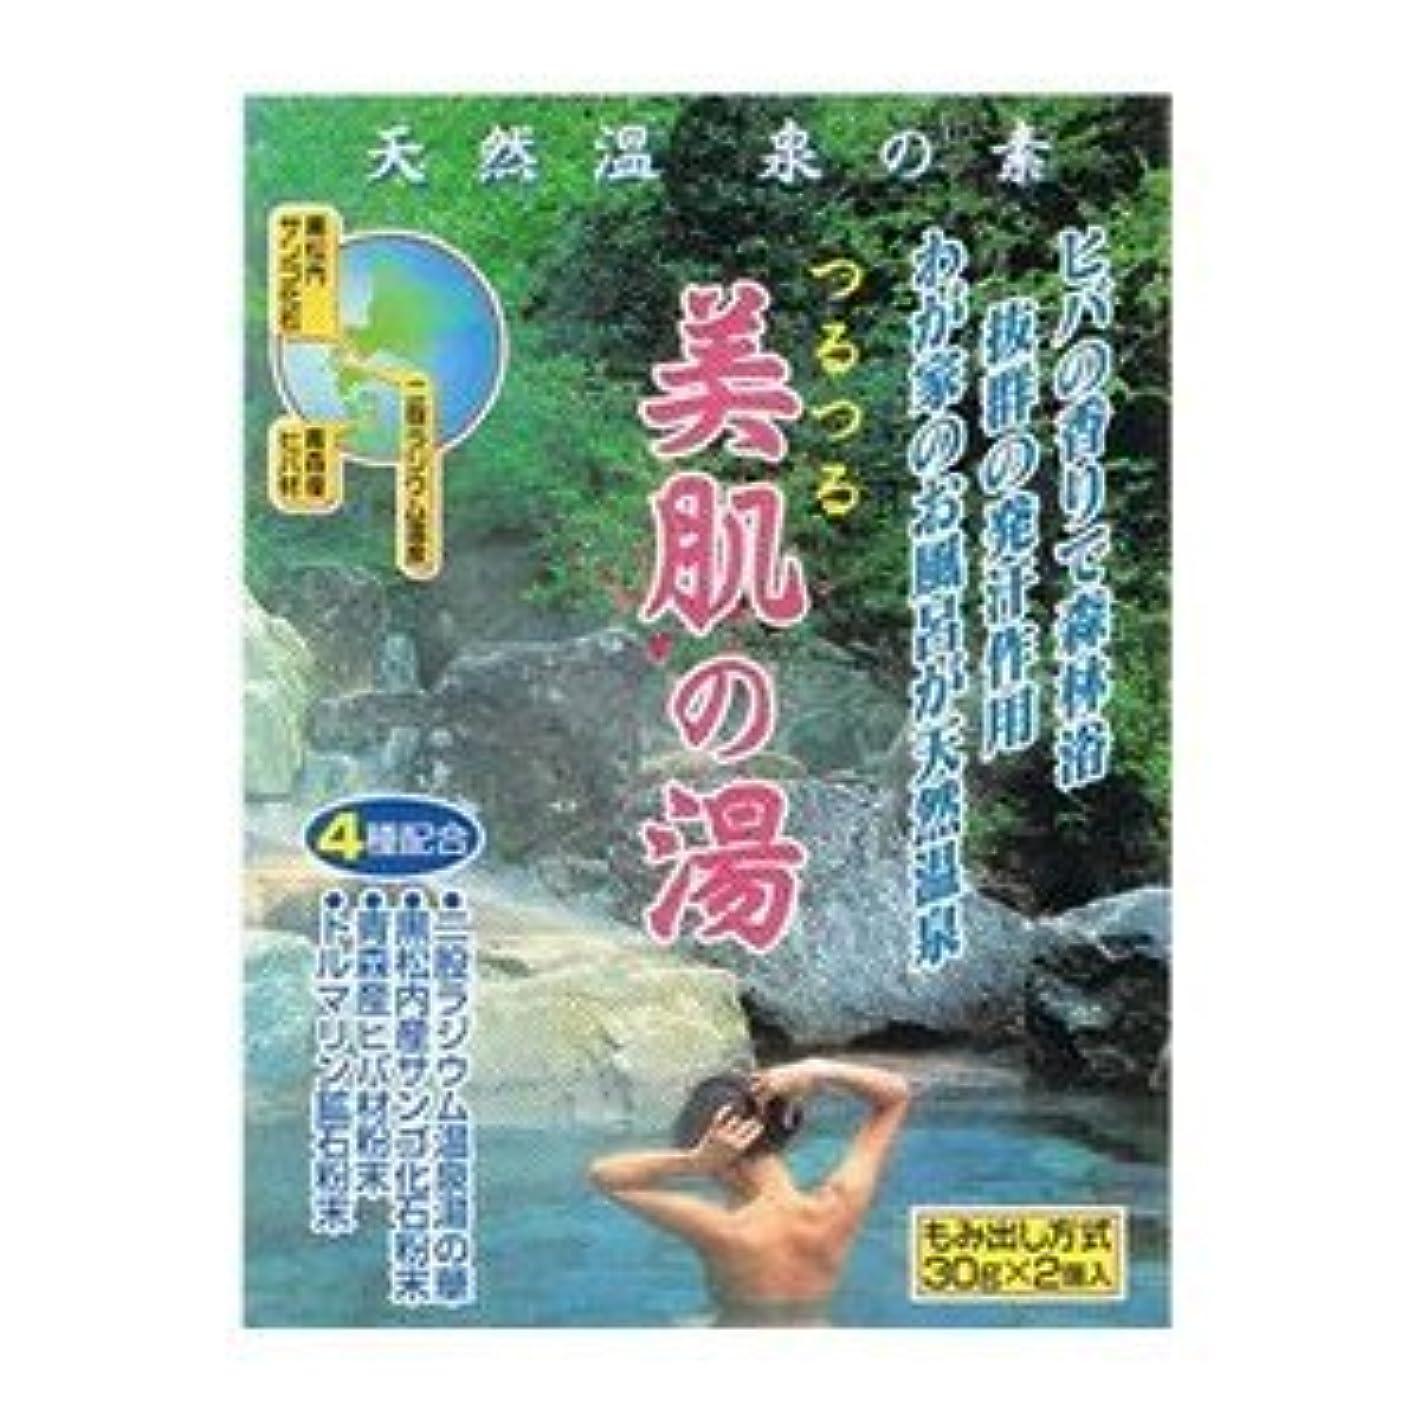 販売計画頭芸術的天然温泉の素 美肌の湯 (30g×2個入)×18袋セット